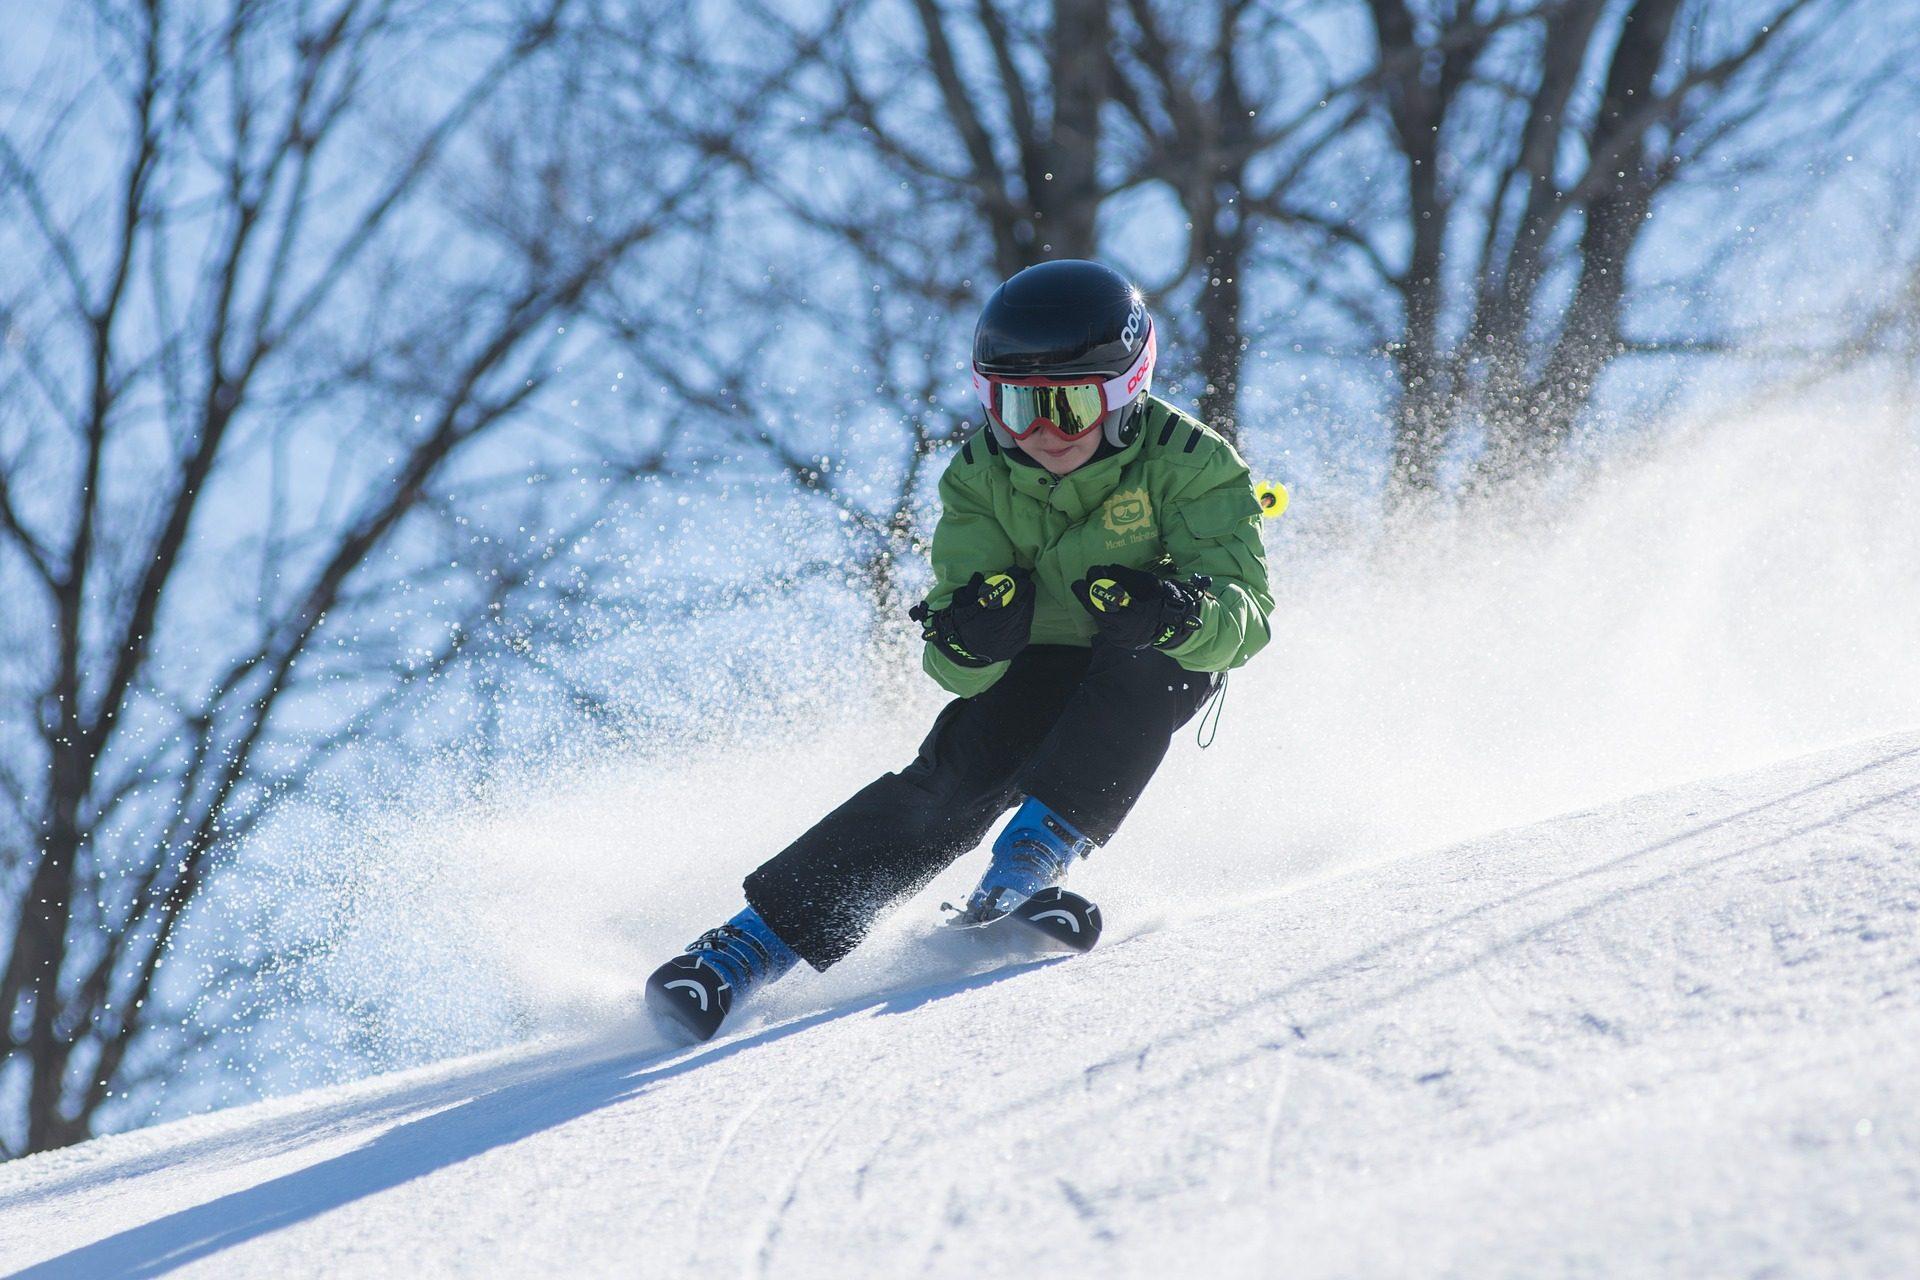 Winterurlaub in Tschechien günstig ab 39,00 € - Skiurlaub im Feriendorf Happy Hill mit den Kindern